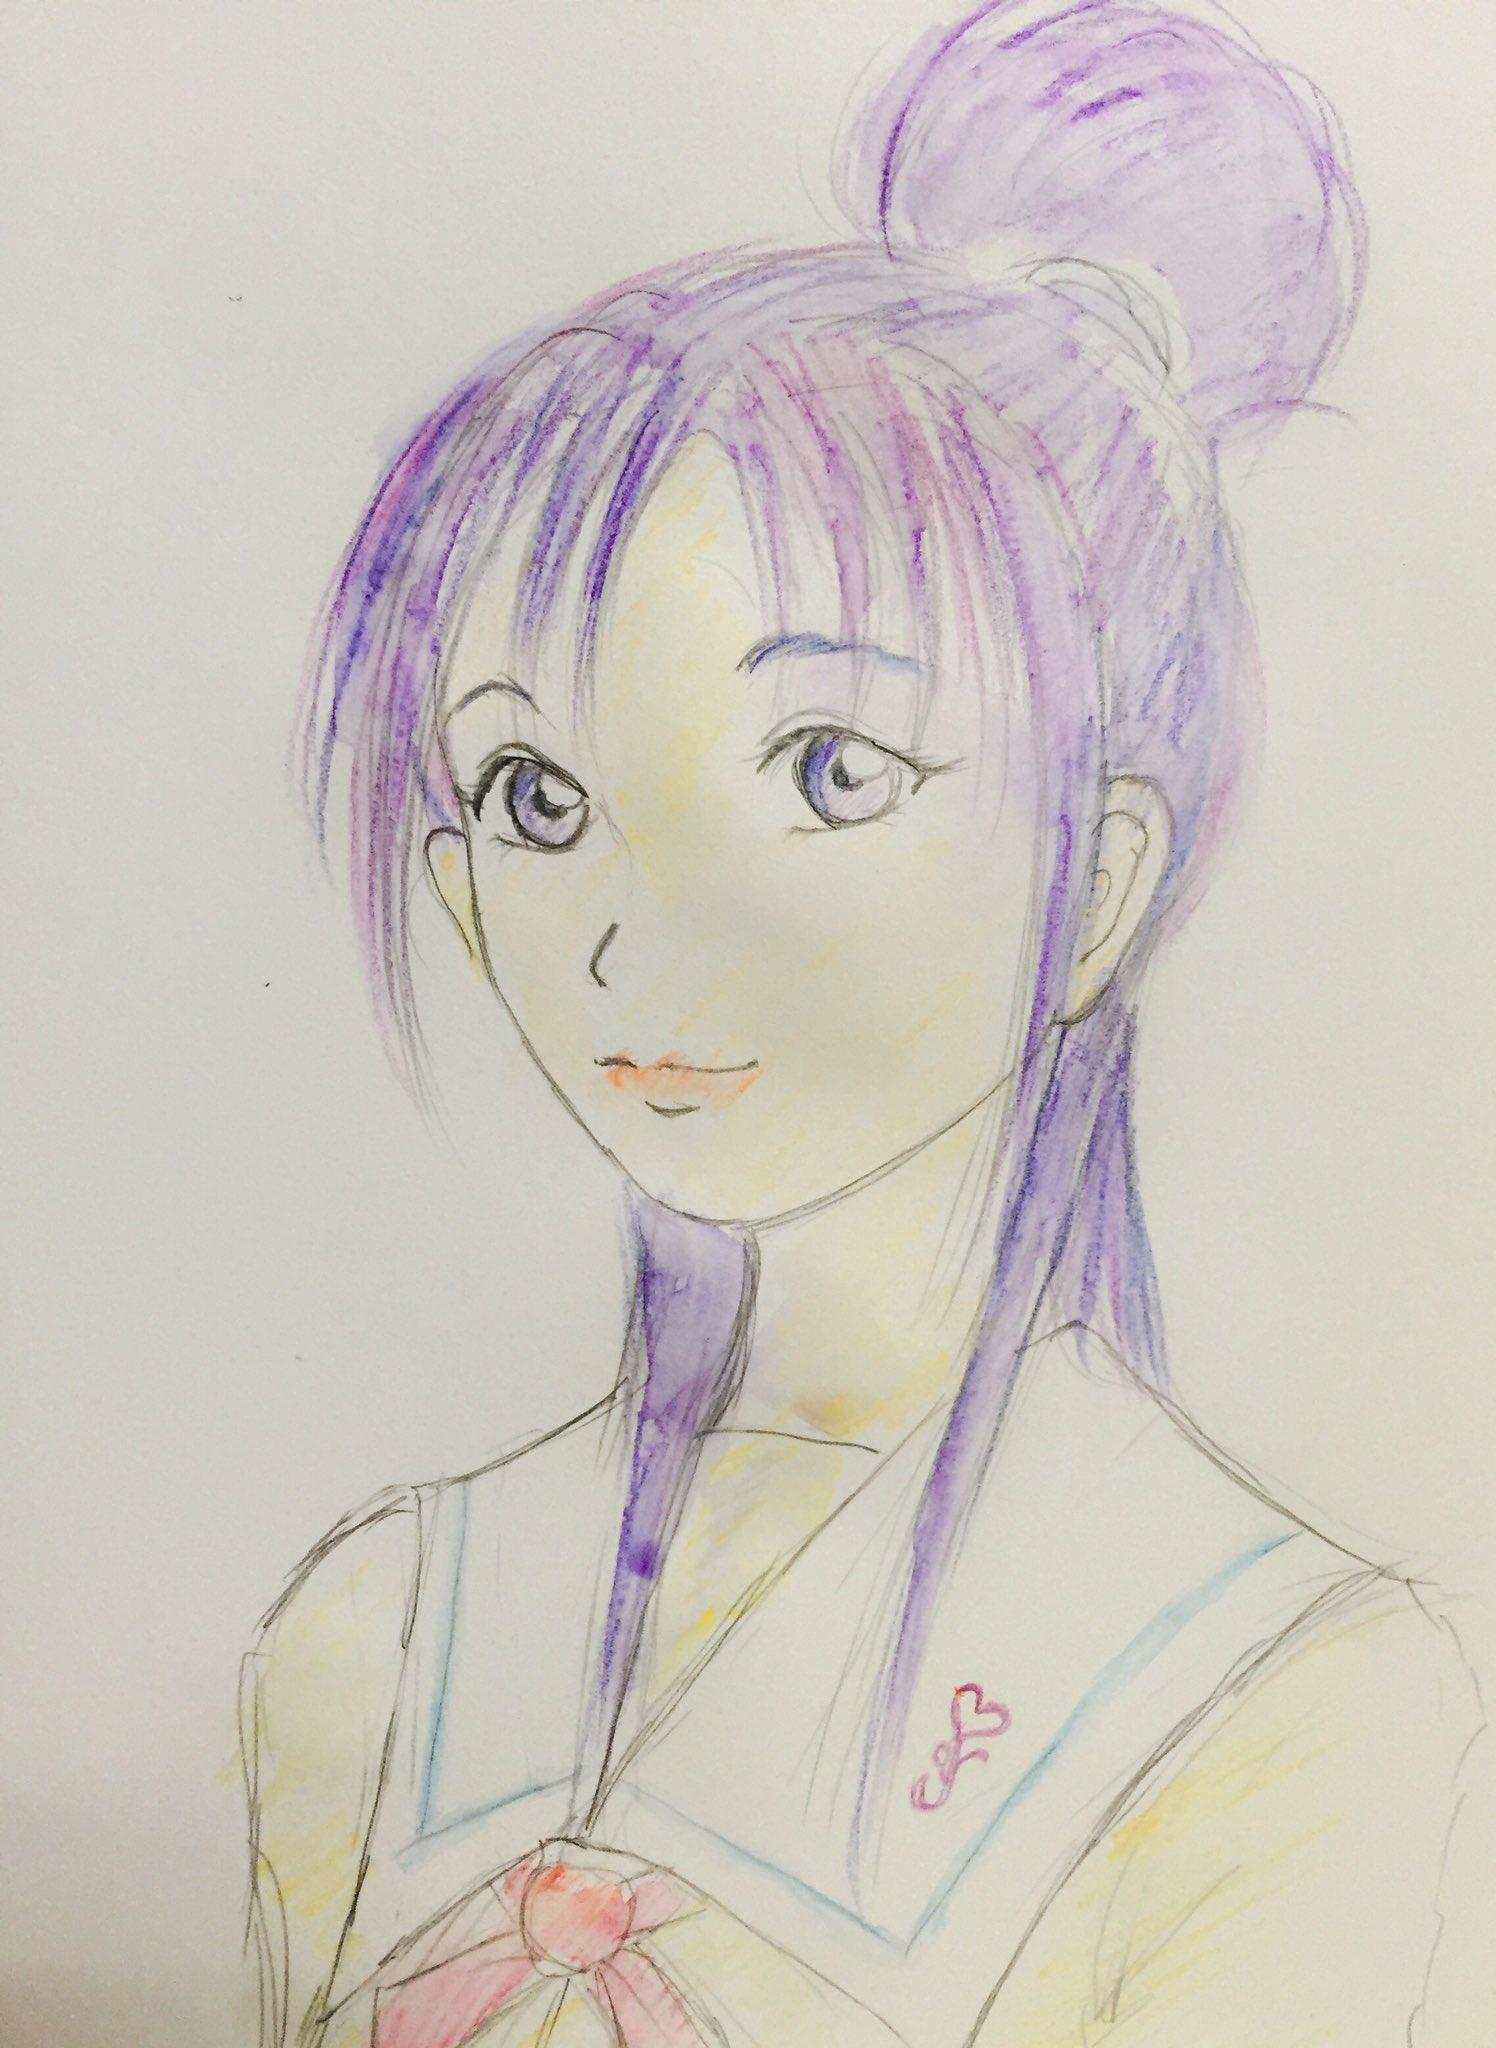 しんぽん(SHIN-PON)シン・ポジラ (@SHIN_YANAI)さんのイラスト